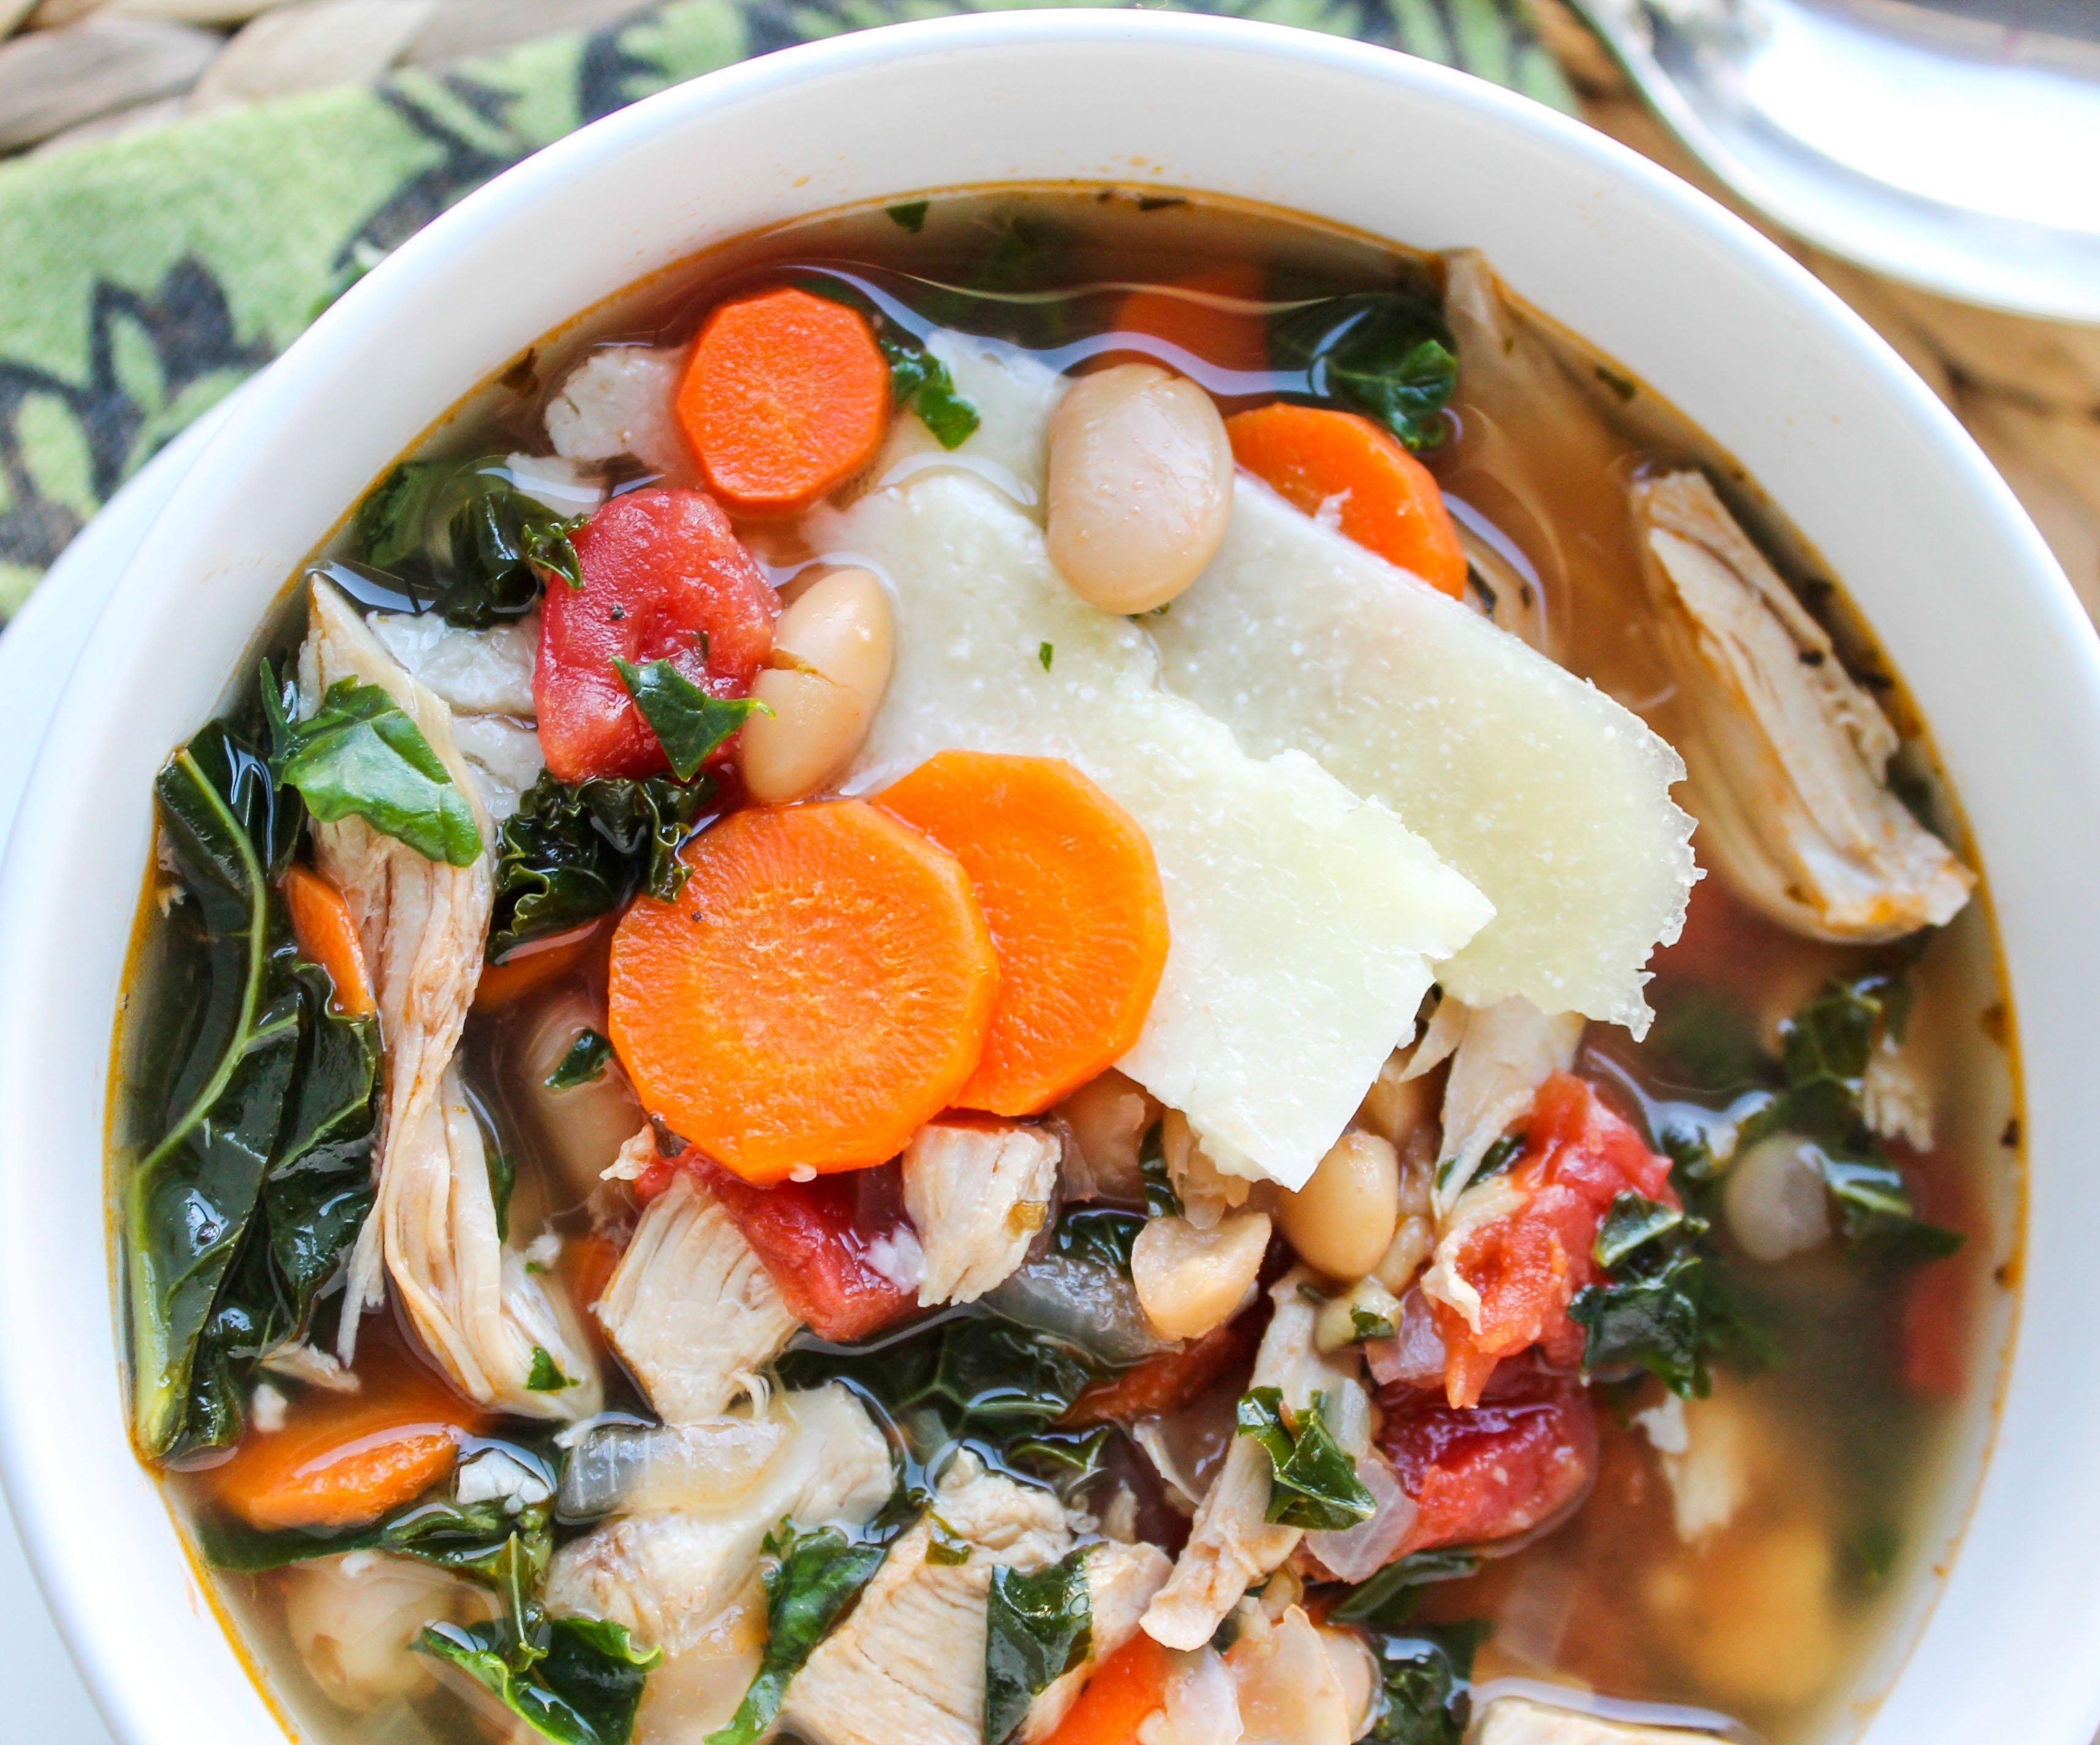 Bean Soup With Kale Recipe - Allrecipes.com